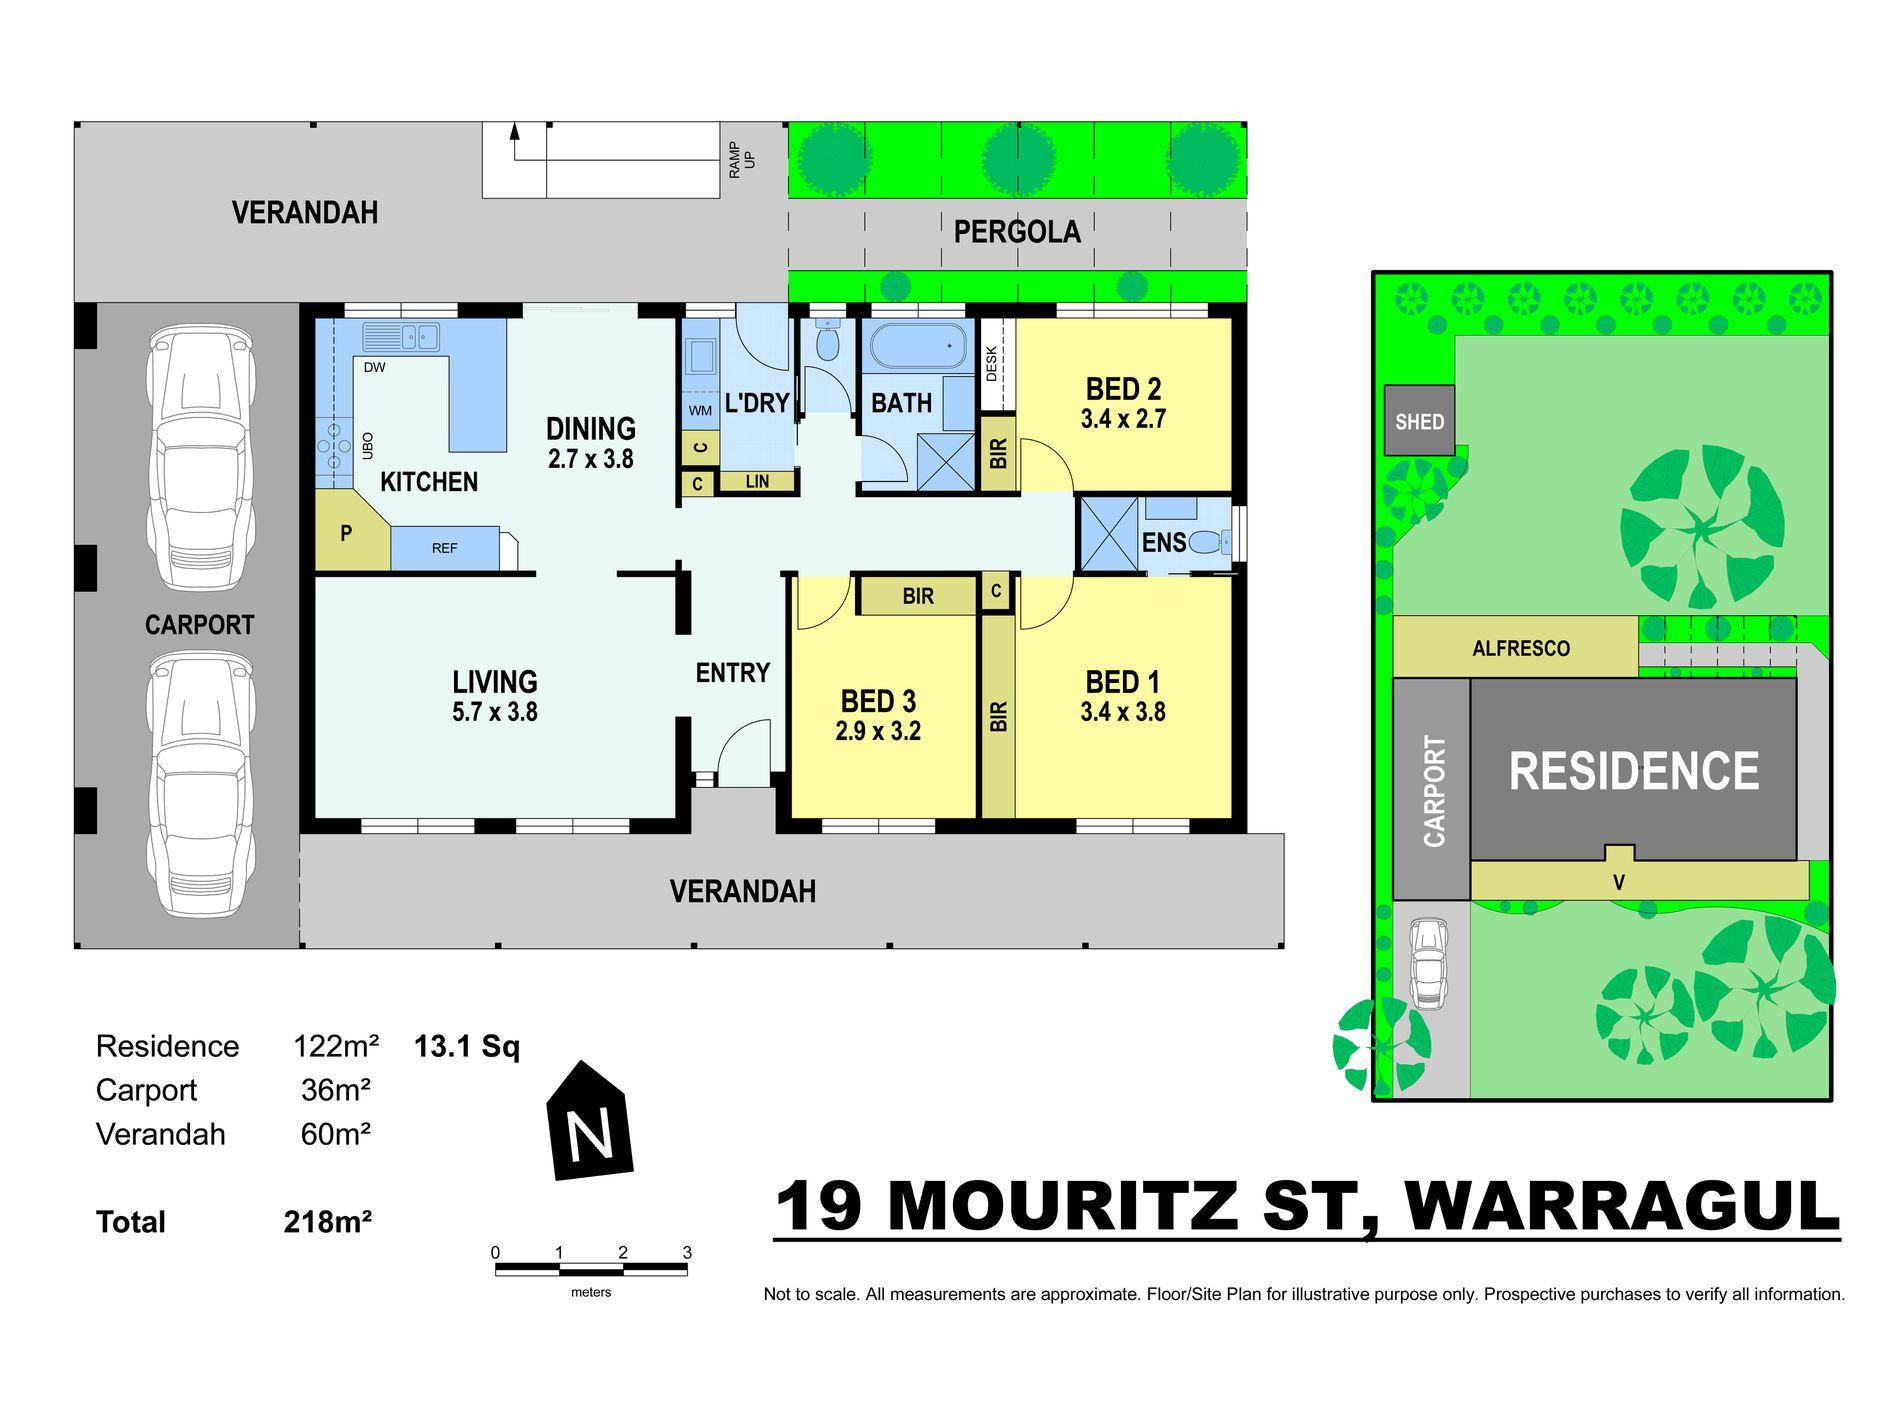 19 Mouritz Street, Warragul